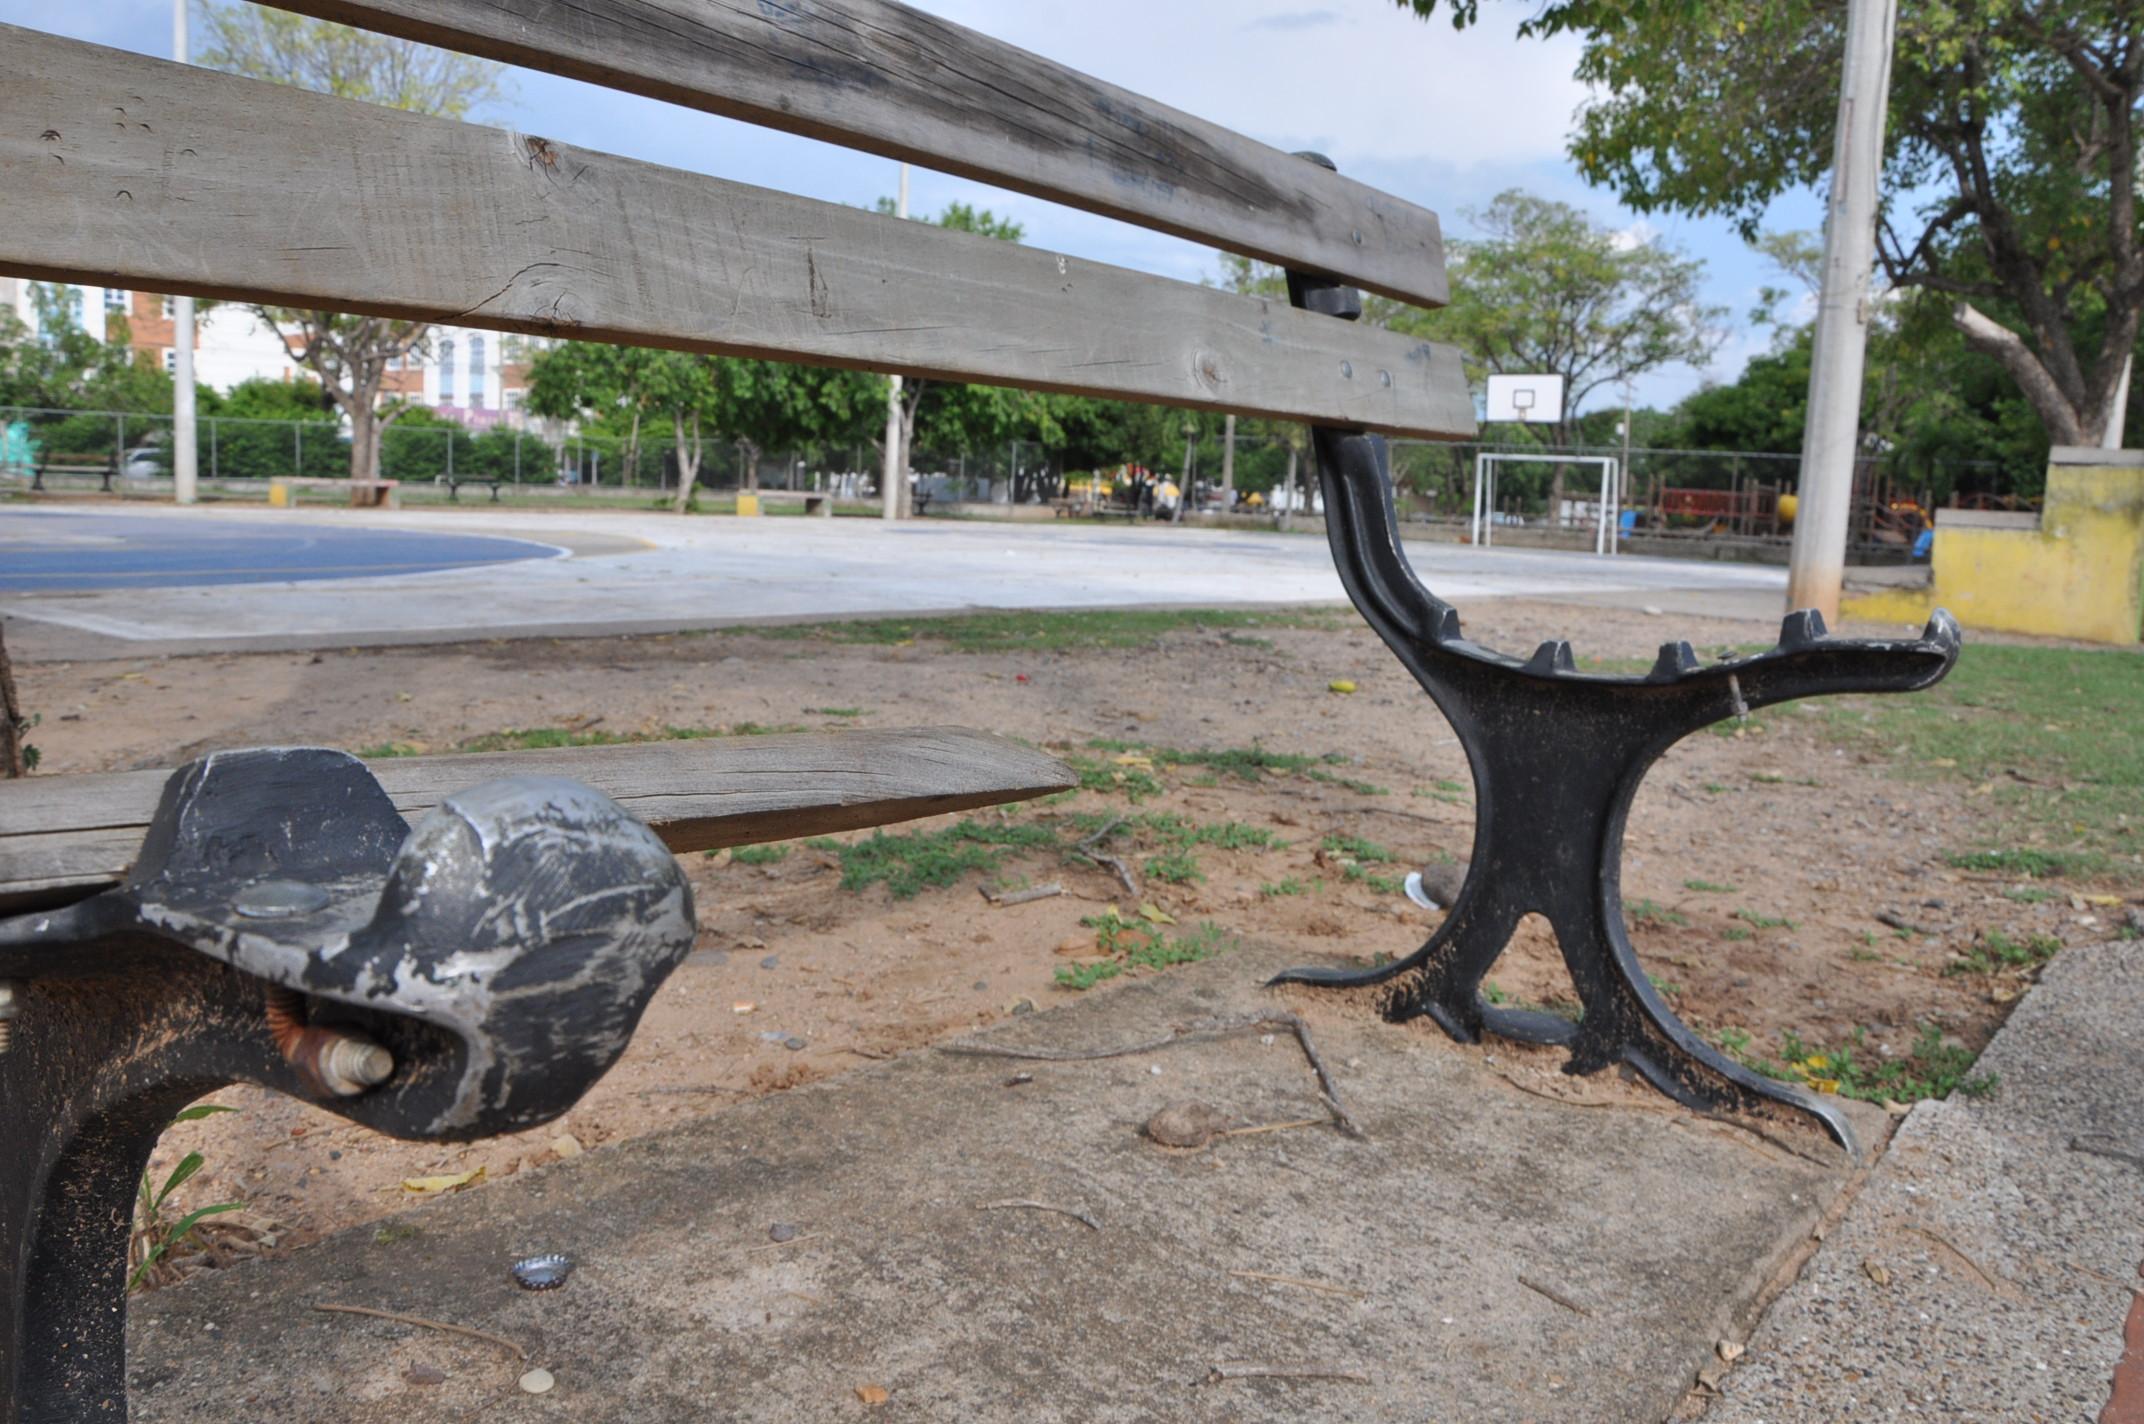 Amoblamiento urbano en el ojo del hurac n diario la calle for Amoblamiento urbano